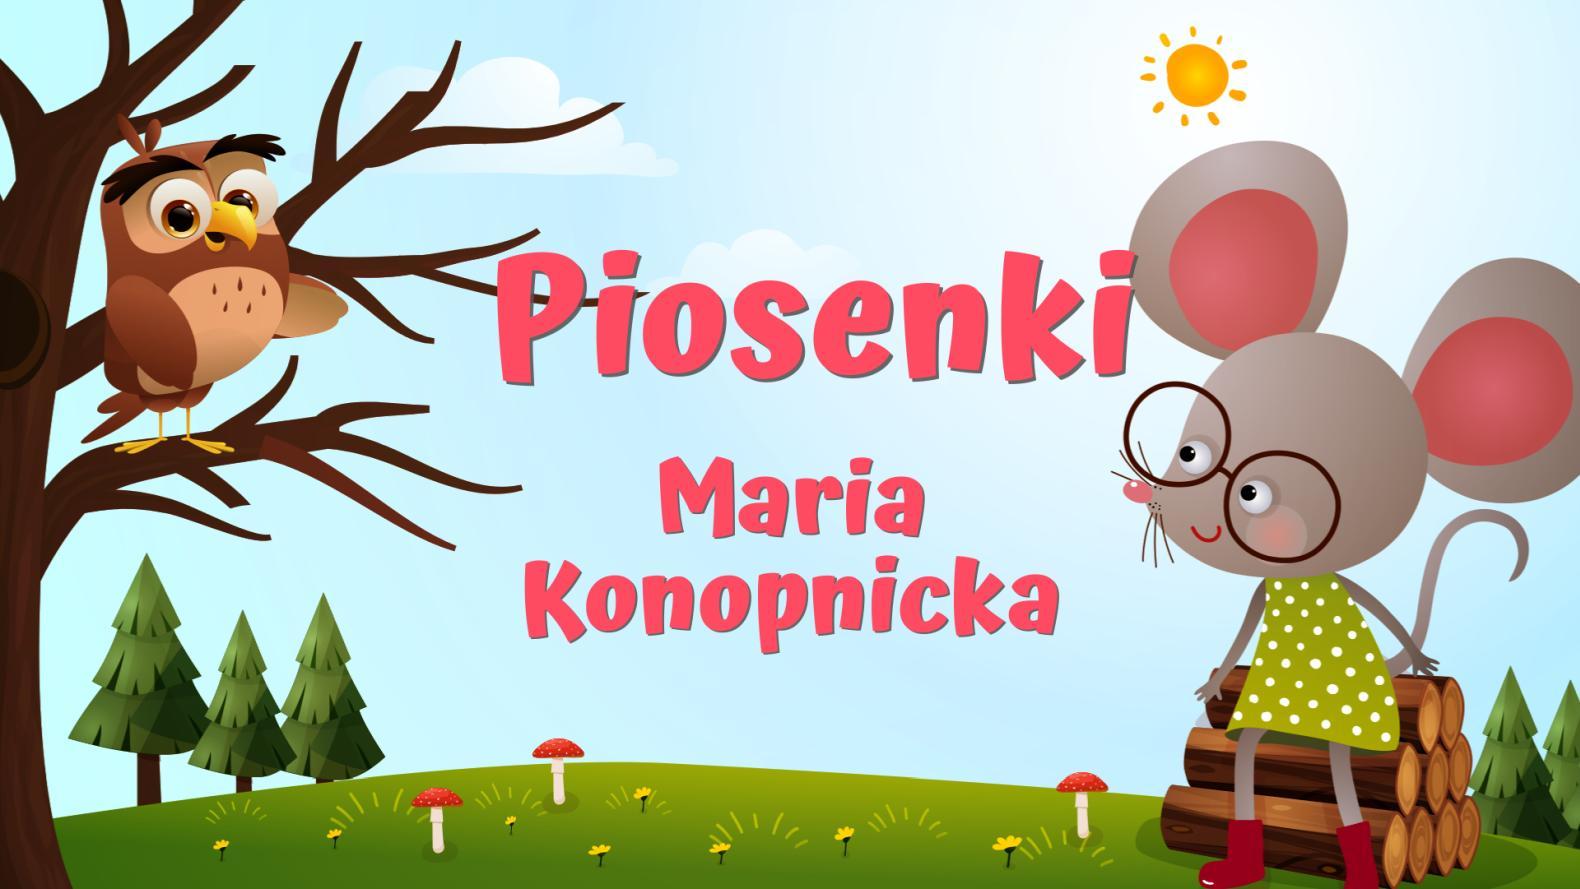 Piosenki Konopnicka